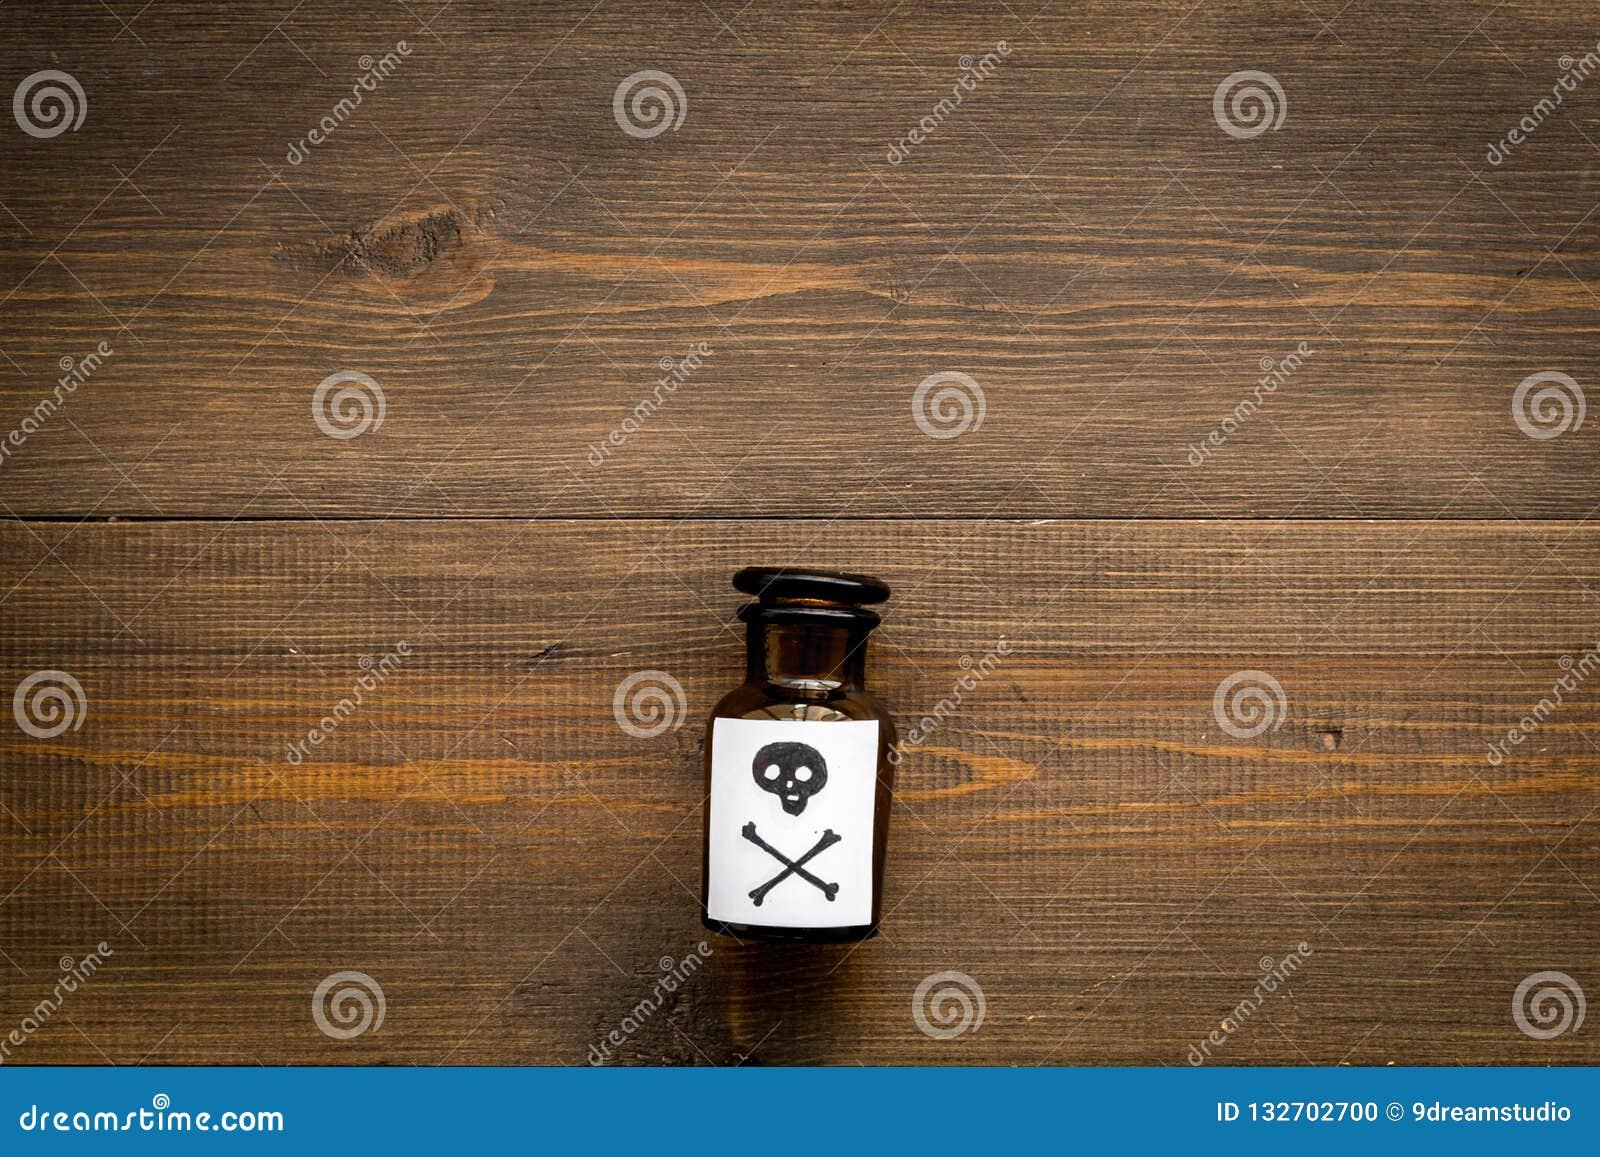 Apegos peligrosos, entretenimiento peligroso veneno Botella con el cráneo y la bandera pirata en el top de madera oscuro del fond